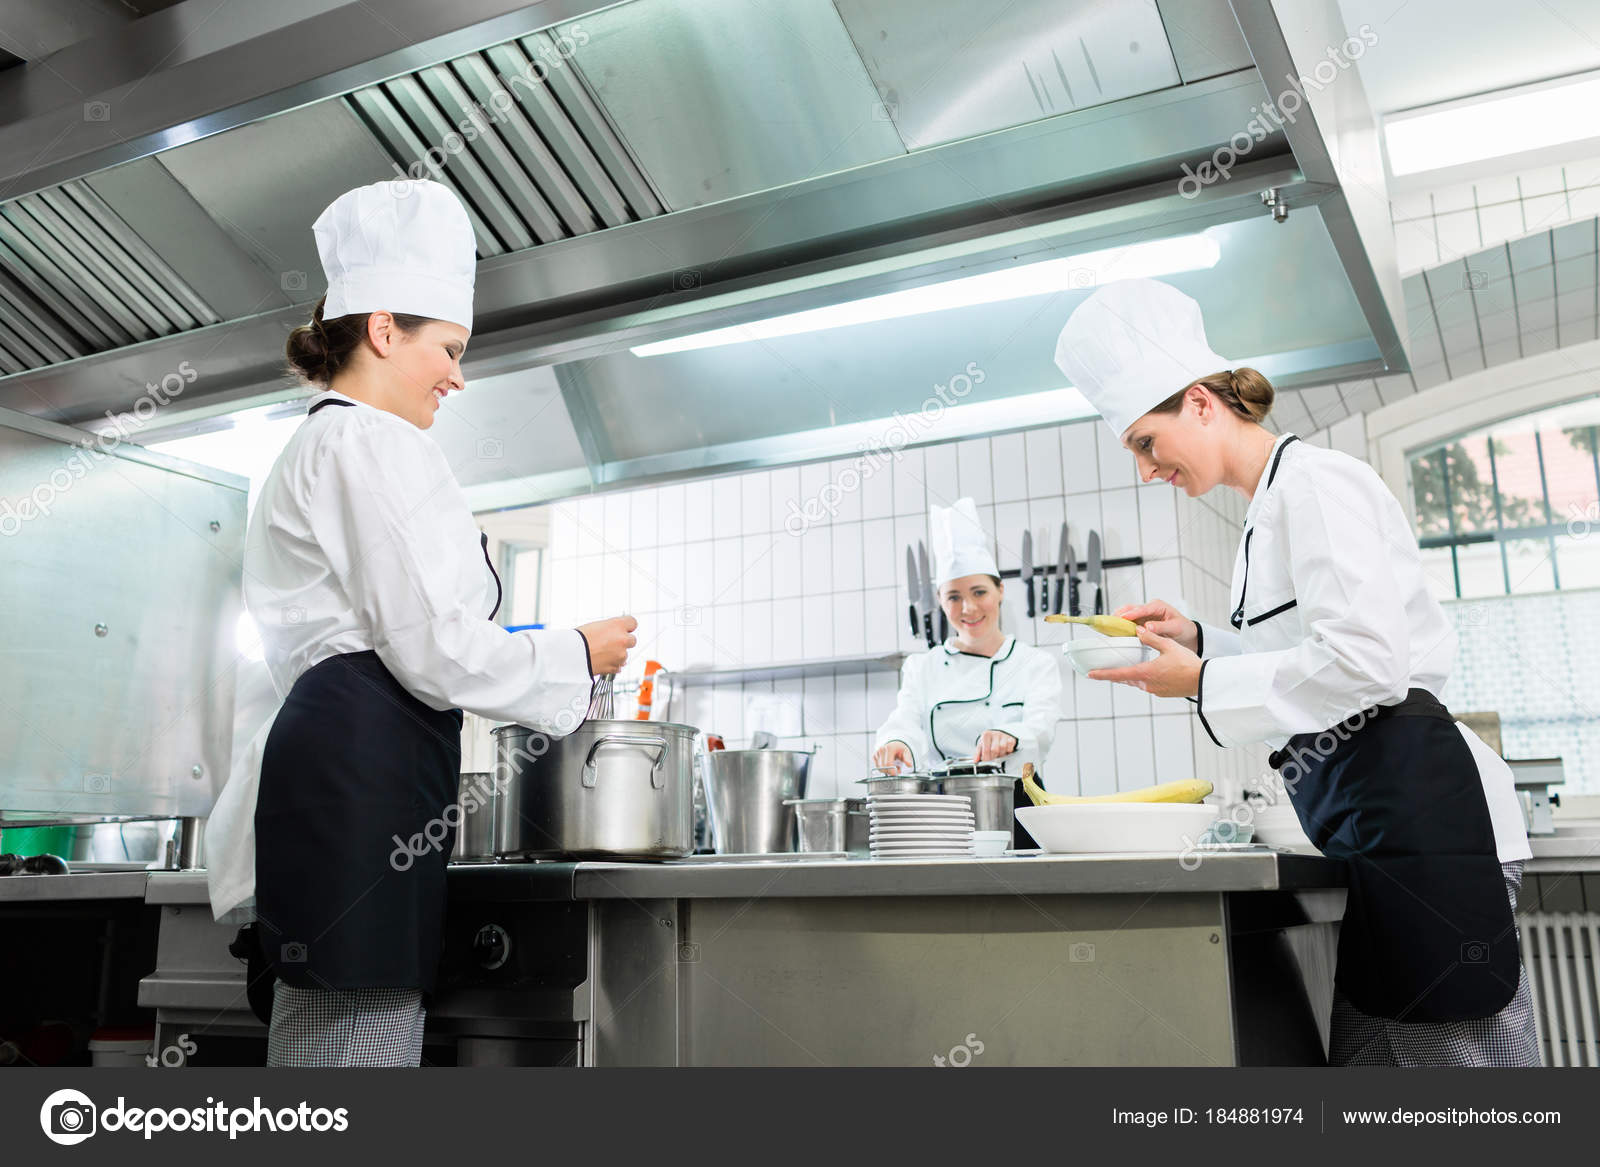 Küchenbrigade in der Gastronomie Küche — Stockfoto © Kzenon #184881974